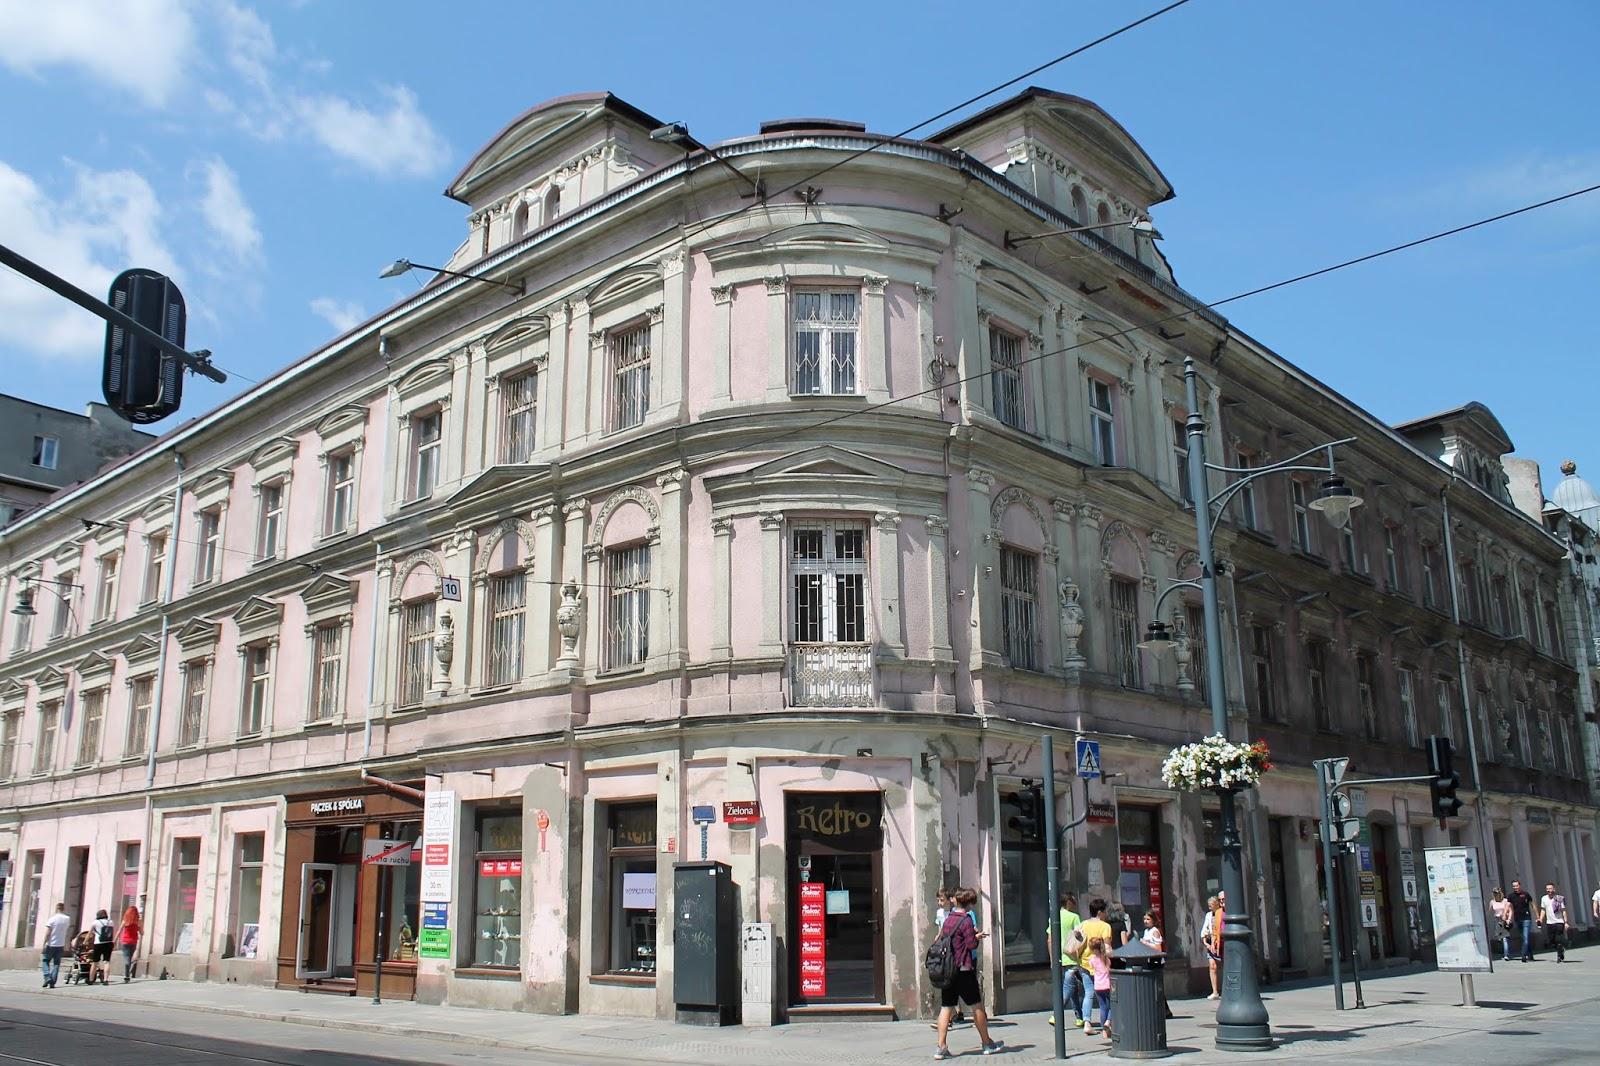 Baedeker Lodzki Piotrkowska 45 Kamienica Szai Wislickiego